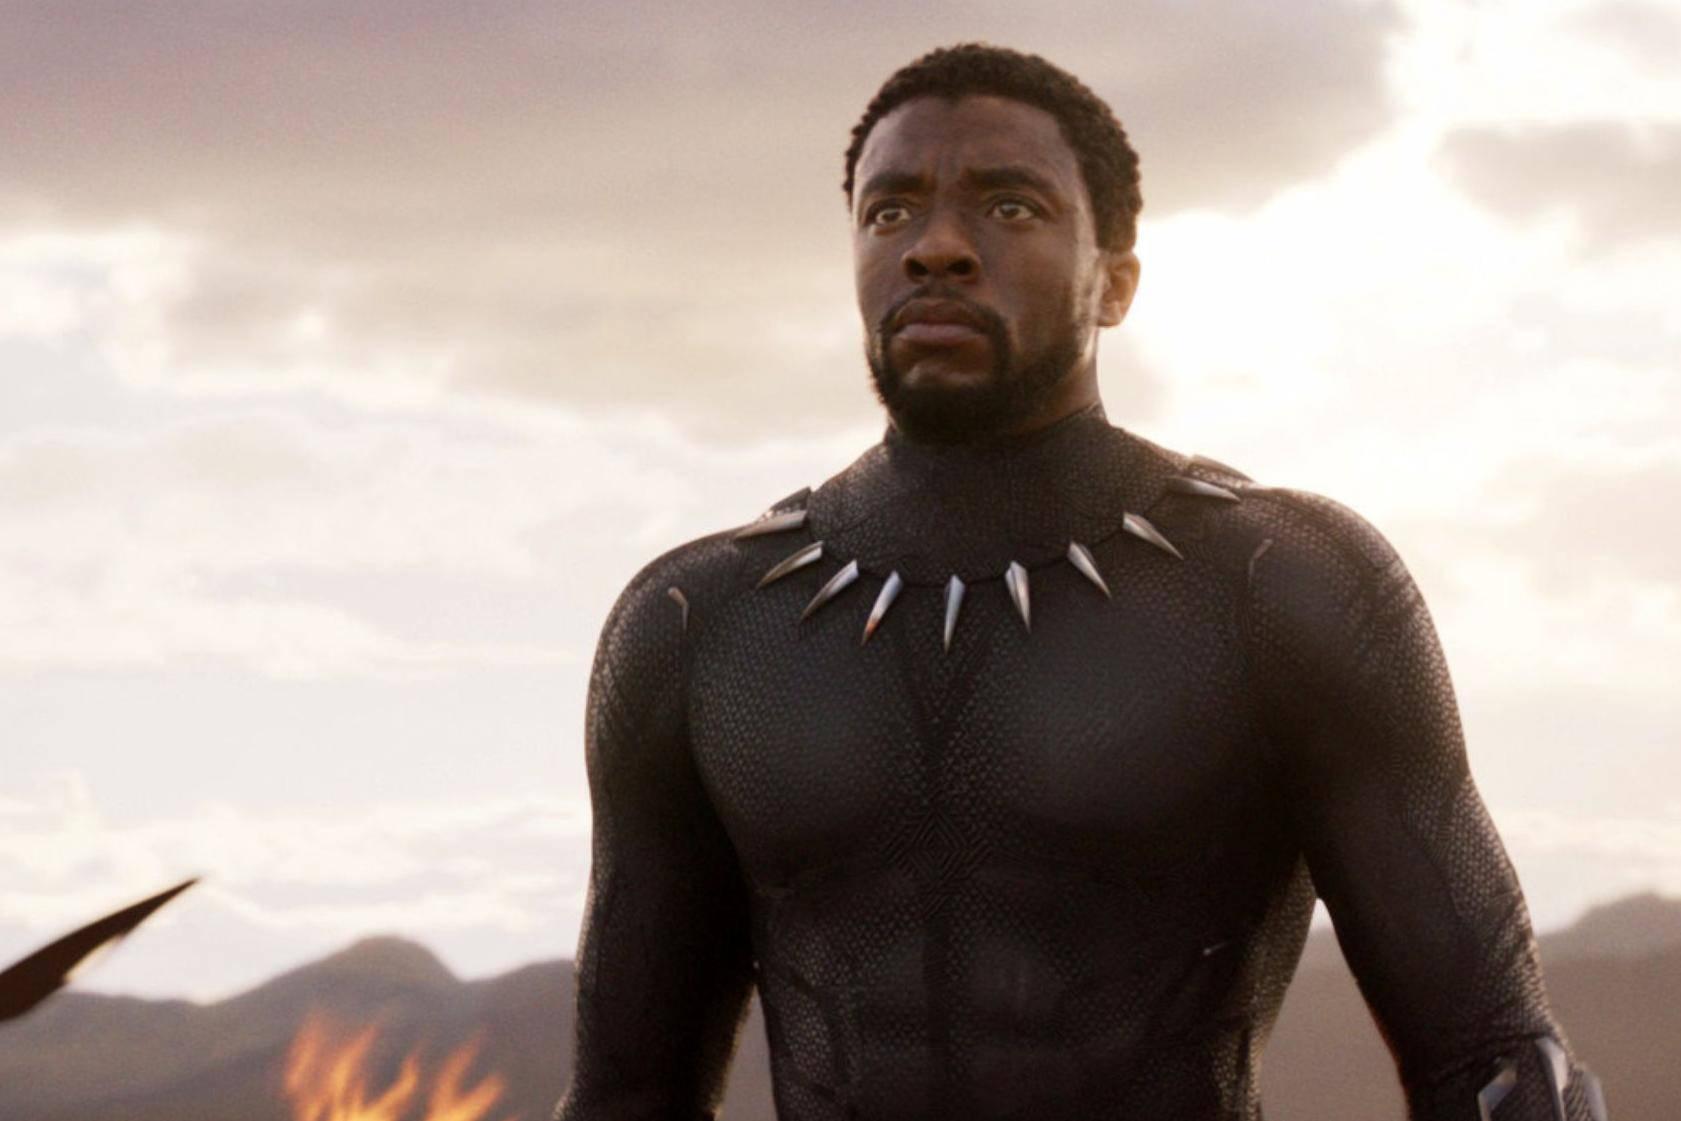 'Black Panther' je superjunački spektakl uz ozbiljan podtekst